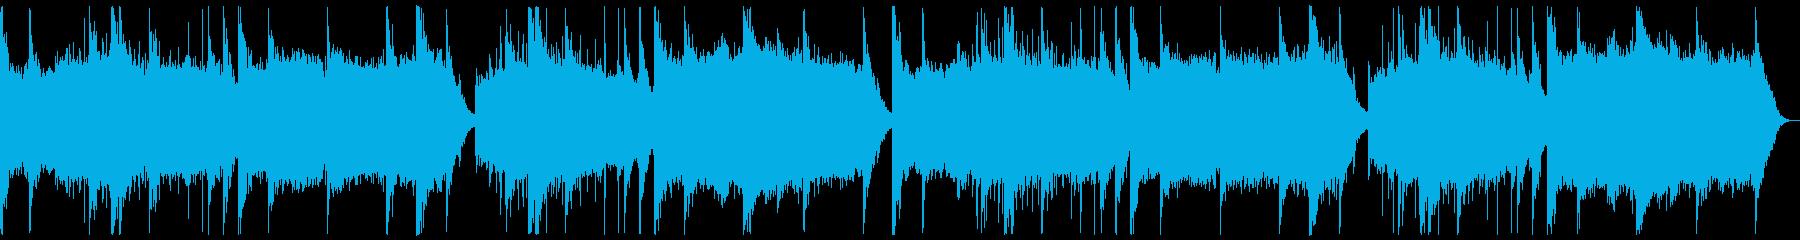 雅楽風1の再生済みの波形